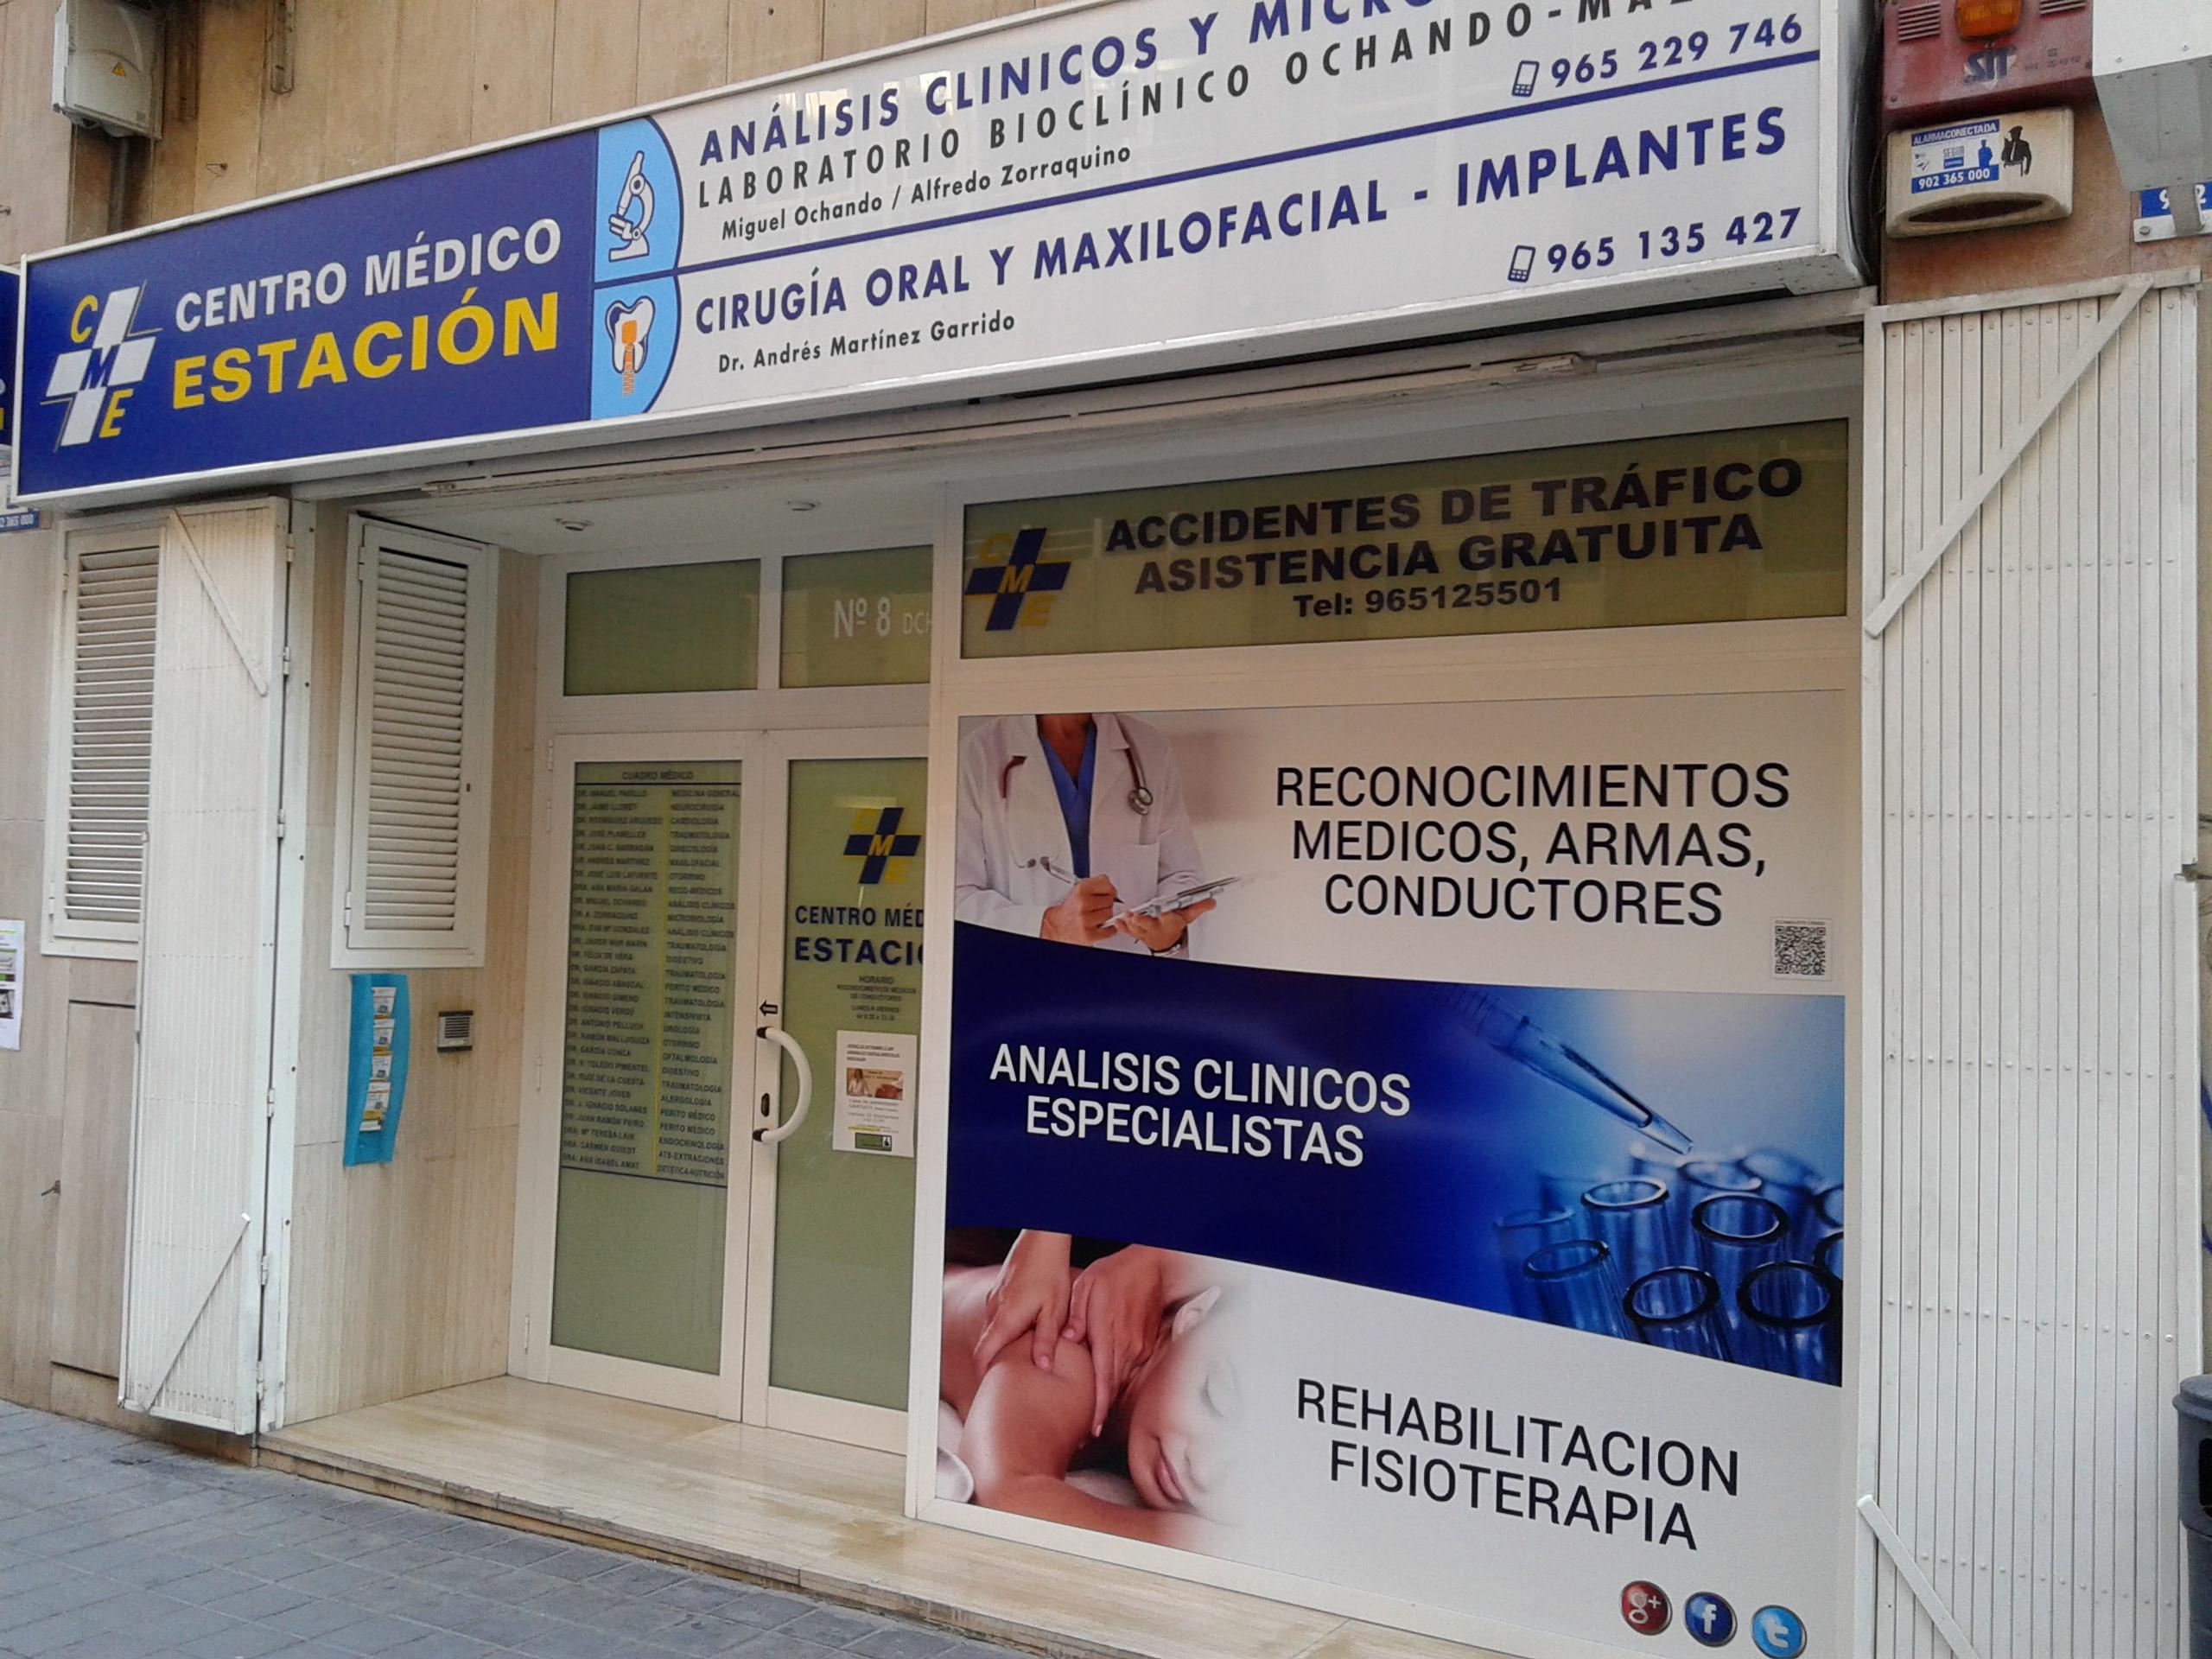 centro médico la estación